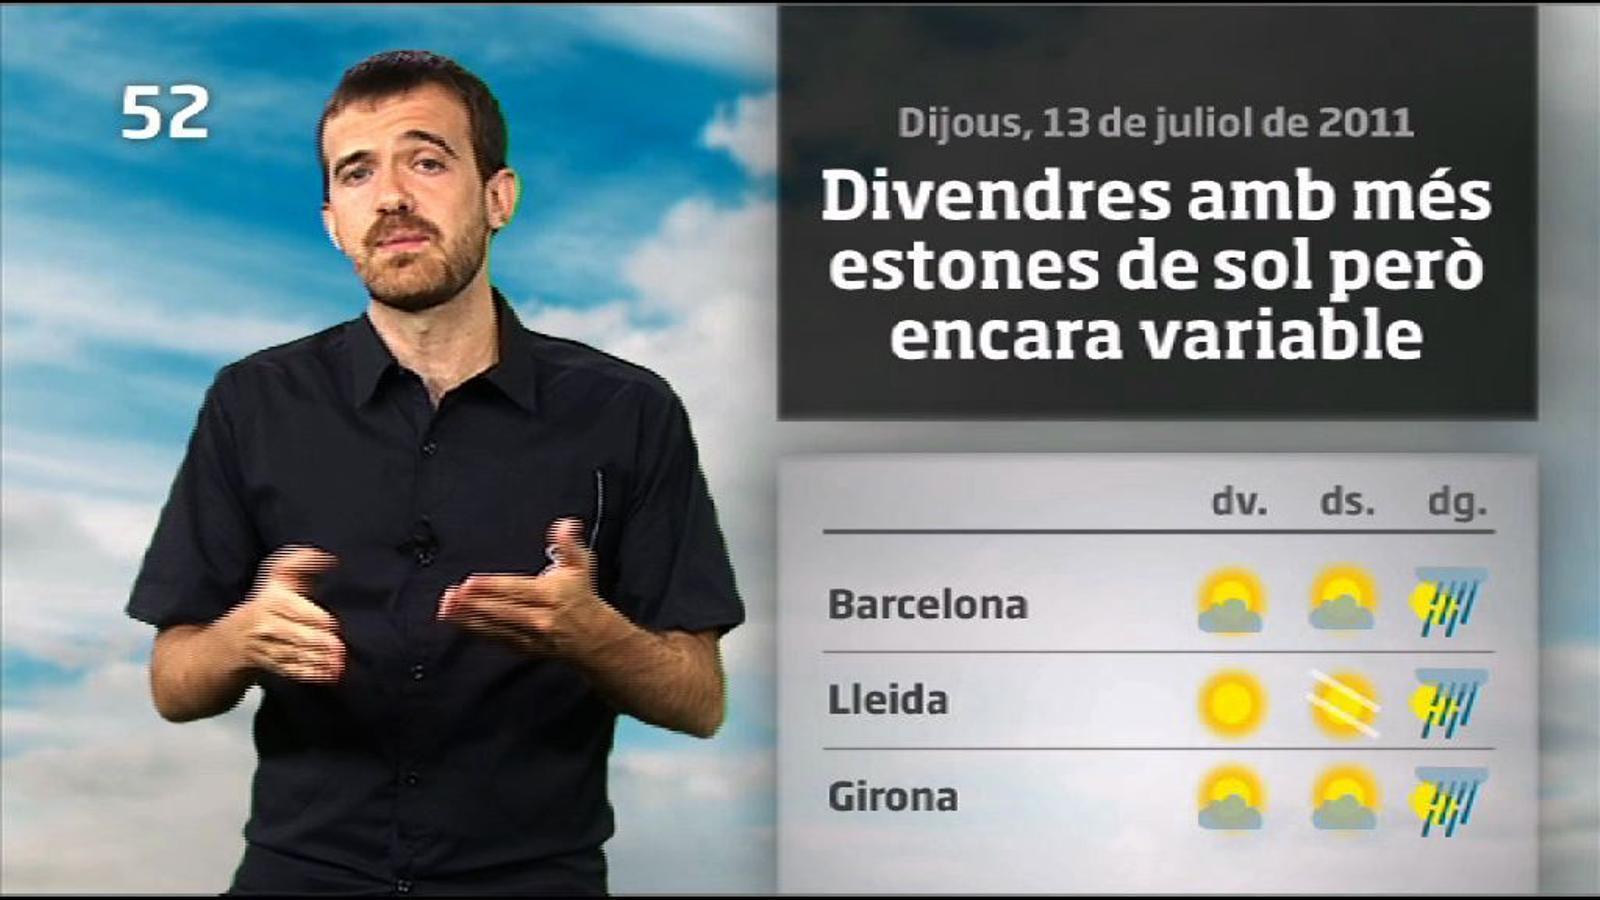 La méteo en 1 minut: demà farà més sol però no s'acaben els canvis (14/07/2011)